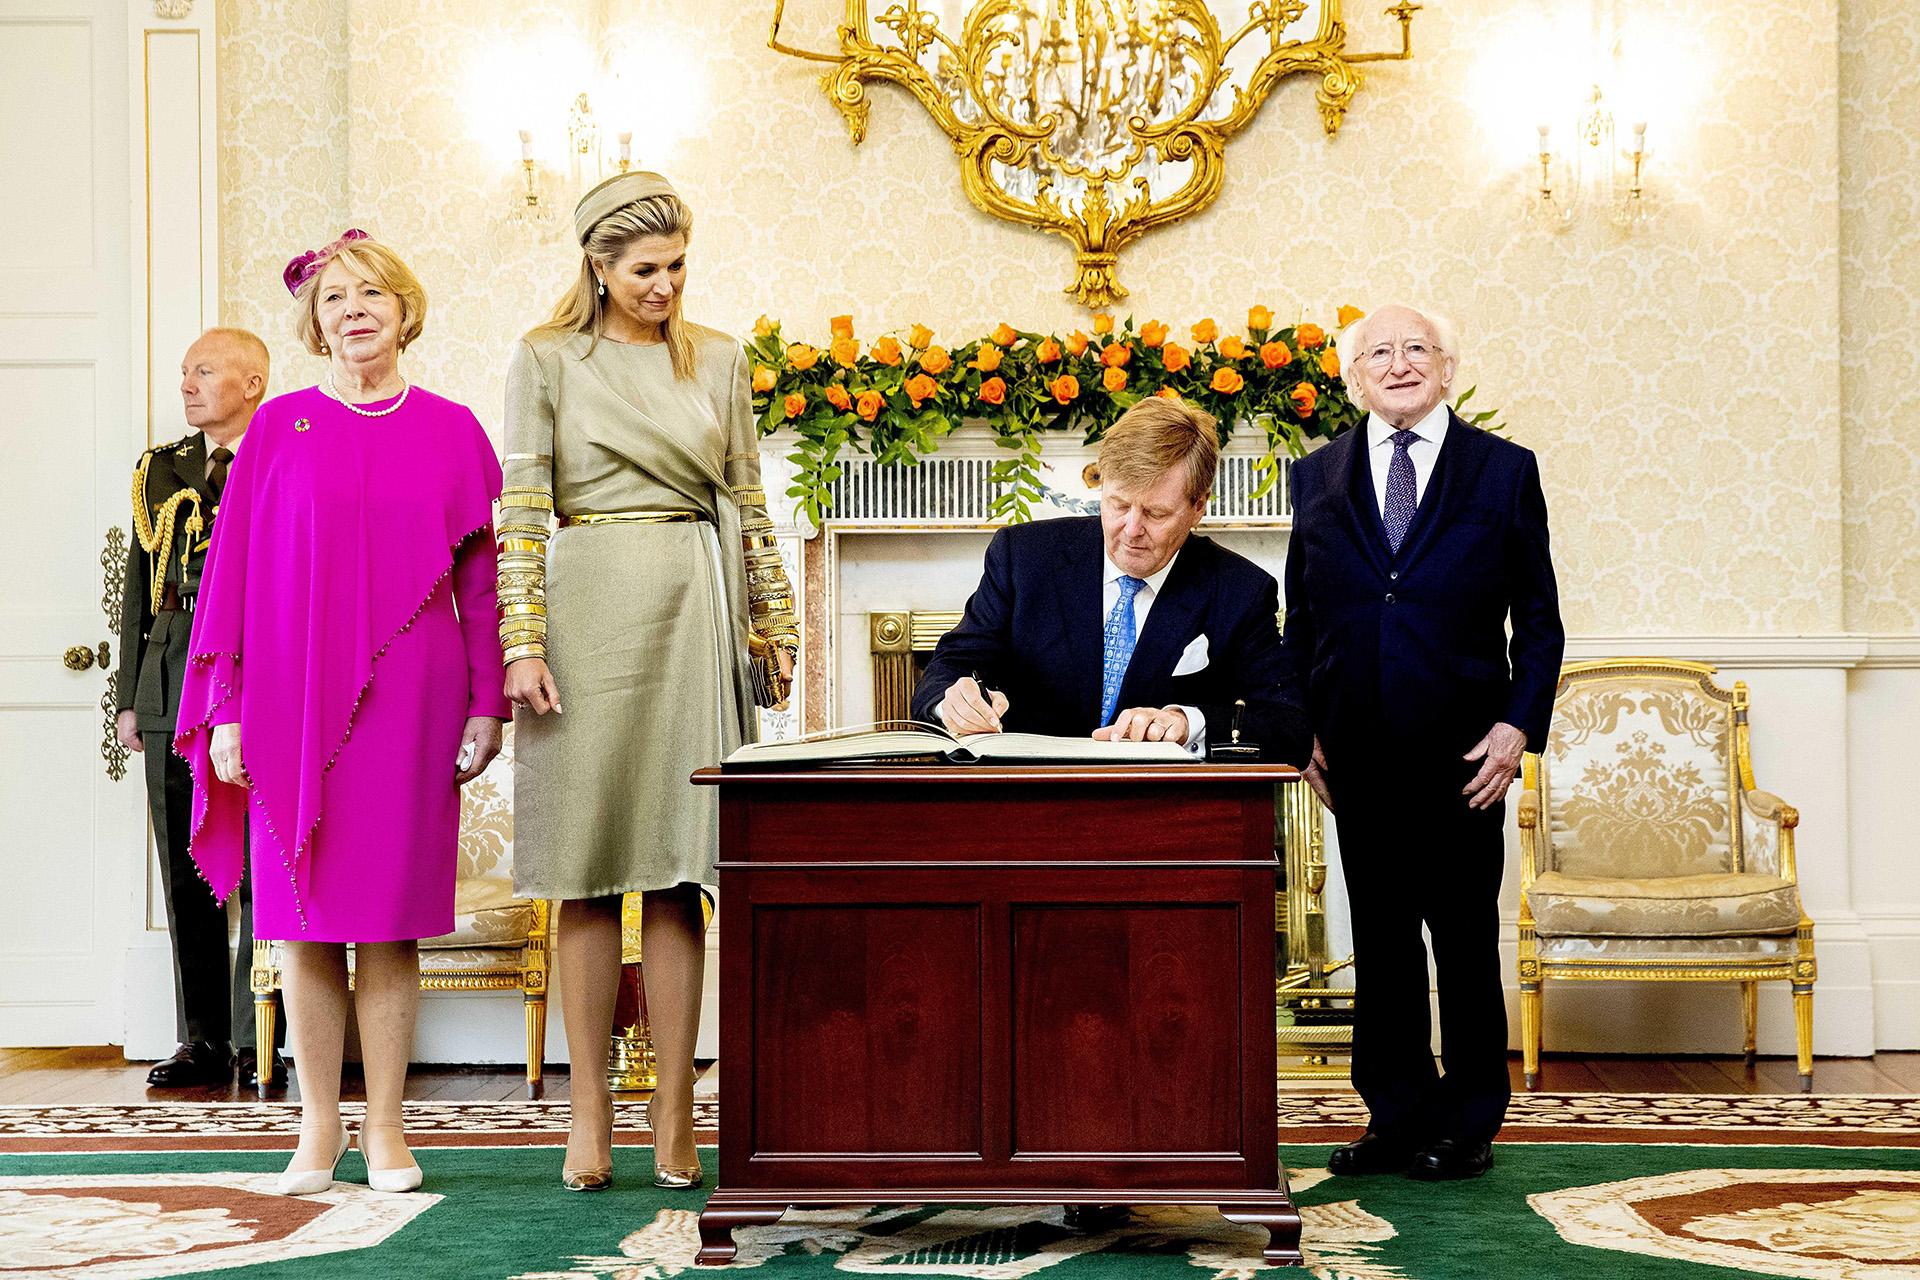 Los reyes firmaron el libro de visitas durante el recibimiento del presidente irlandés, Michael D. Higgins, y su mujer Sabina, en Dublín, Irlanda